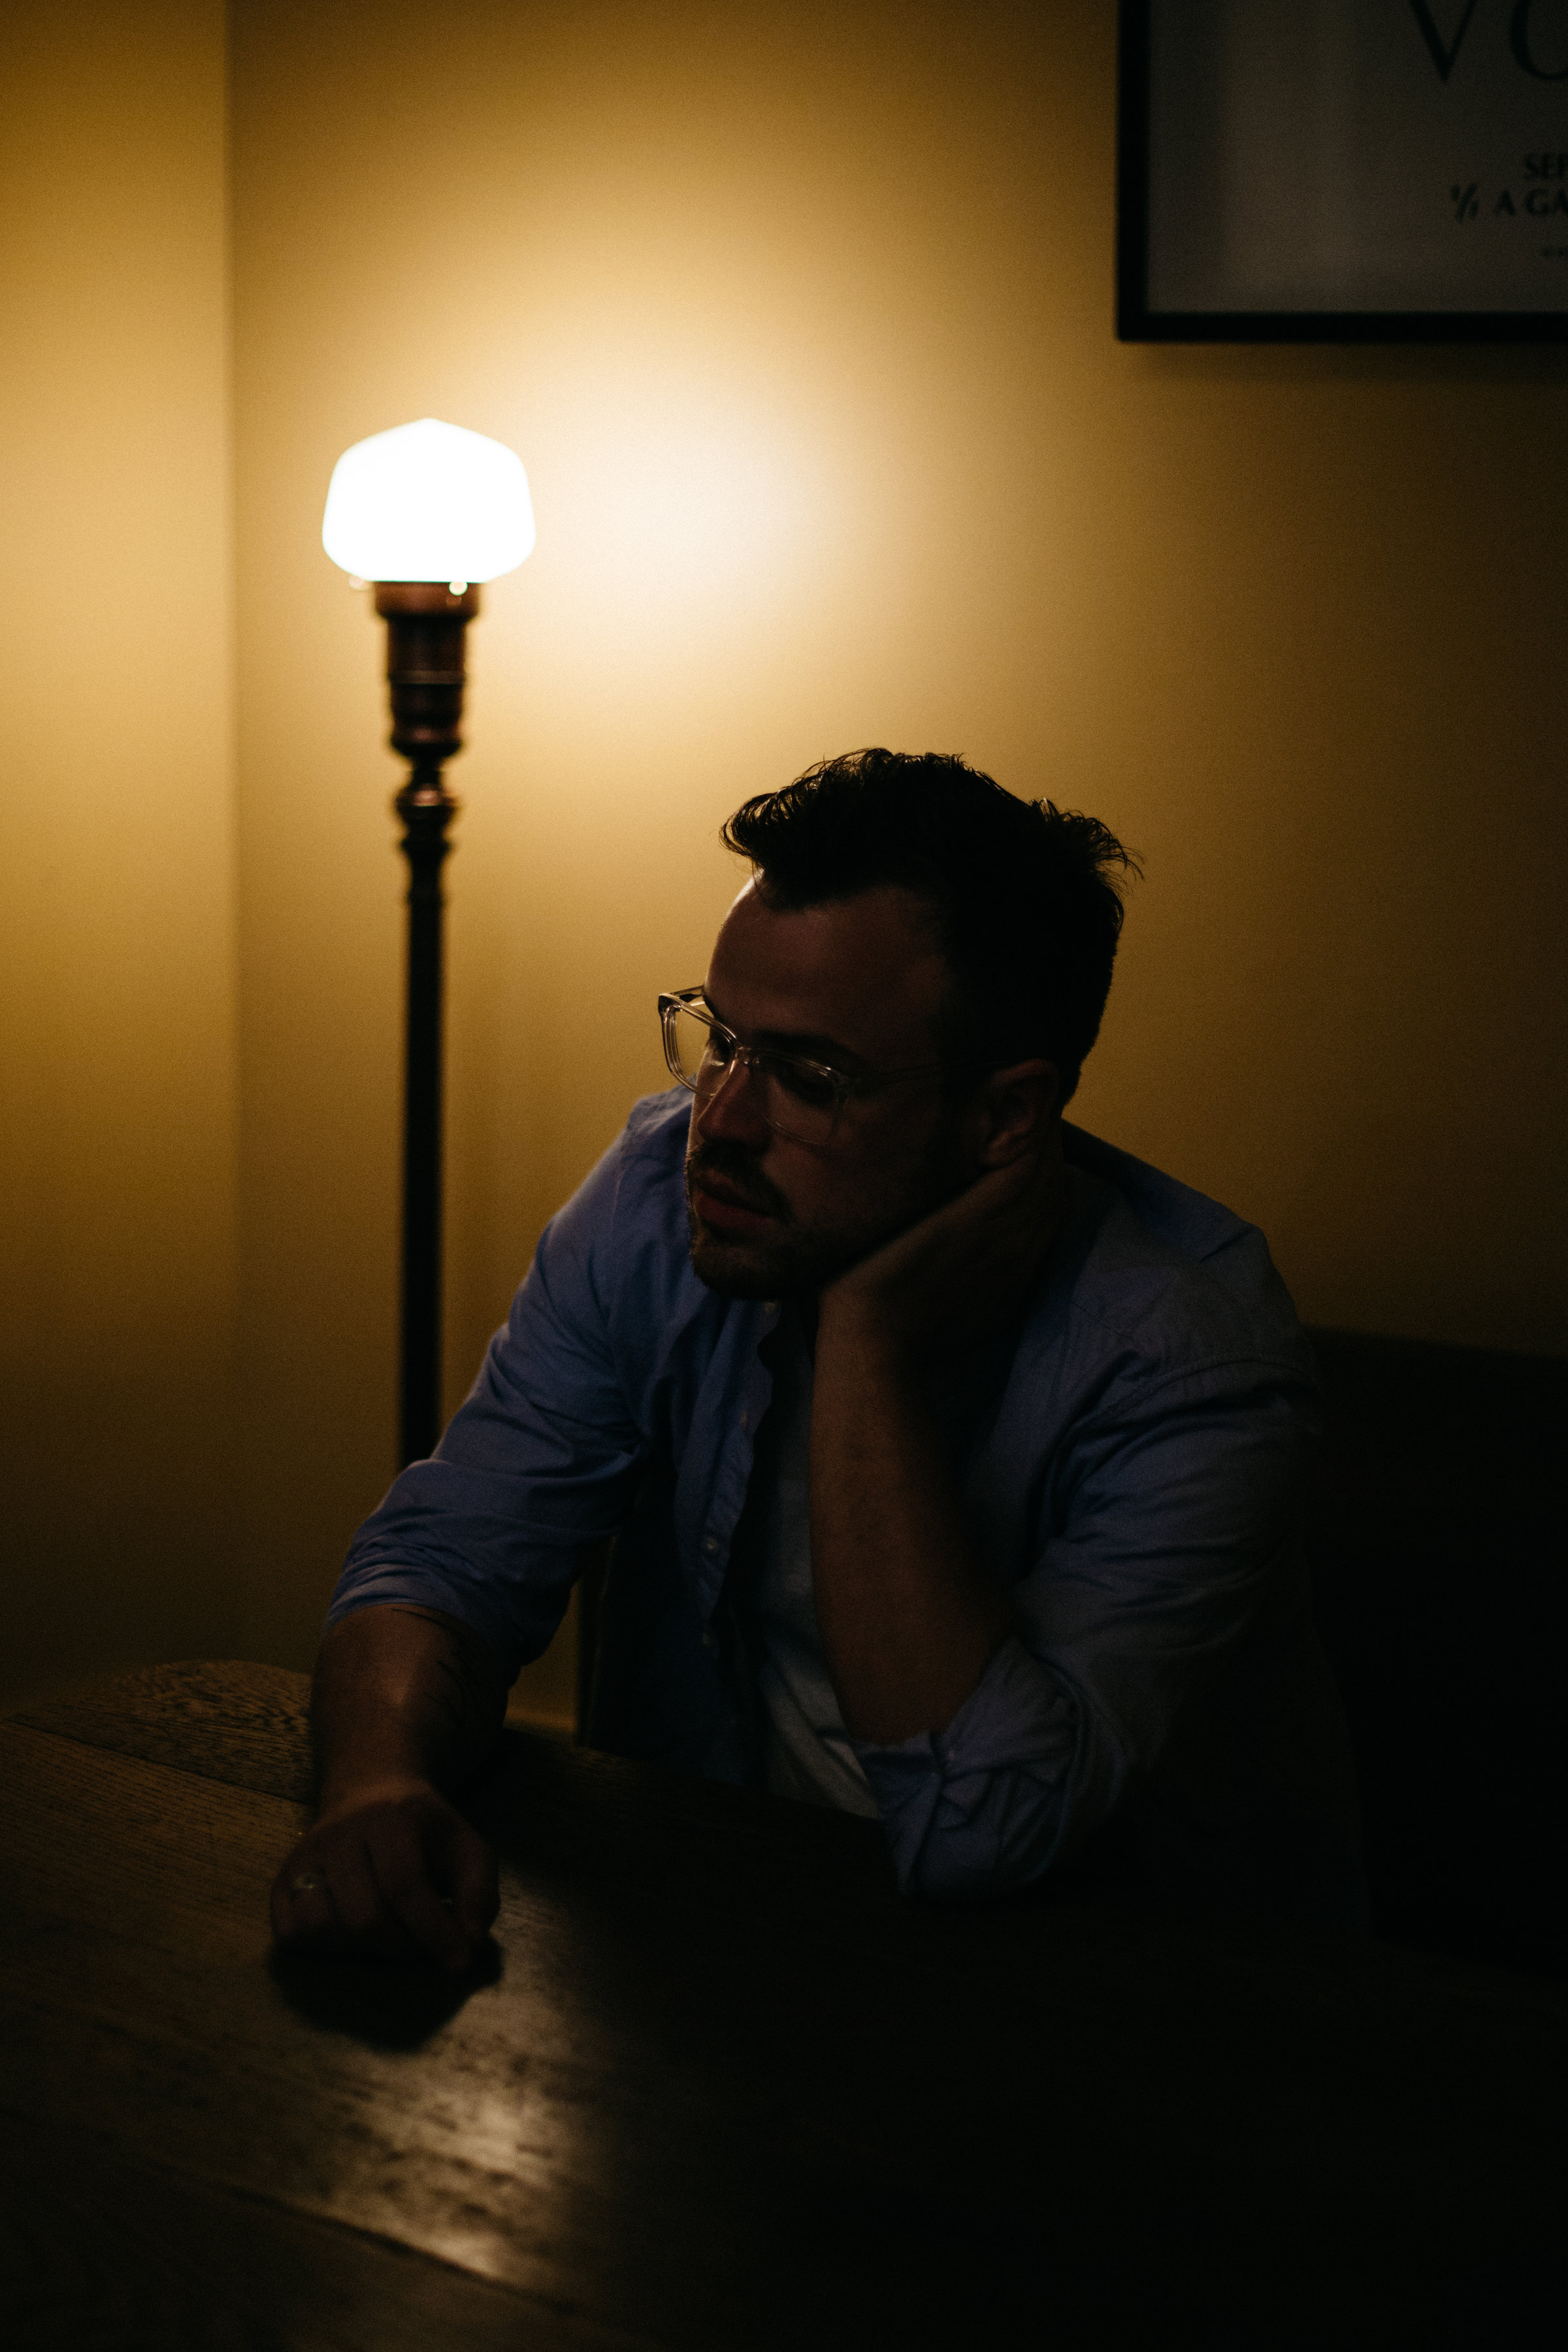 Ian Mahan Light Shot